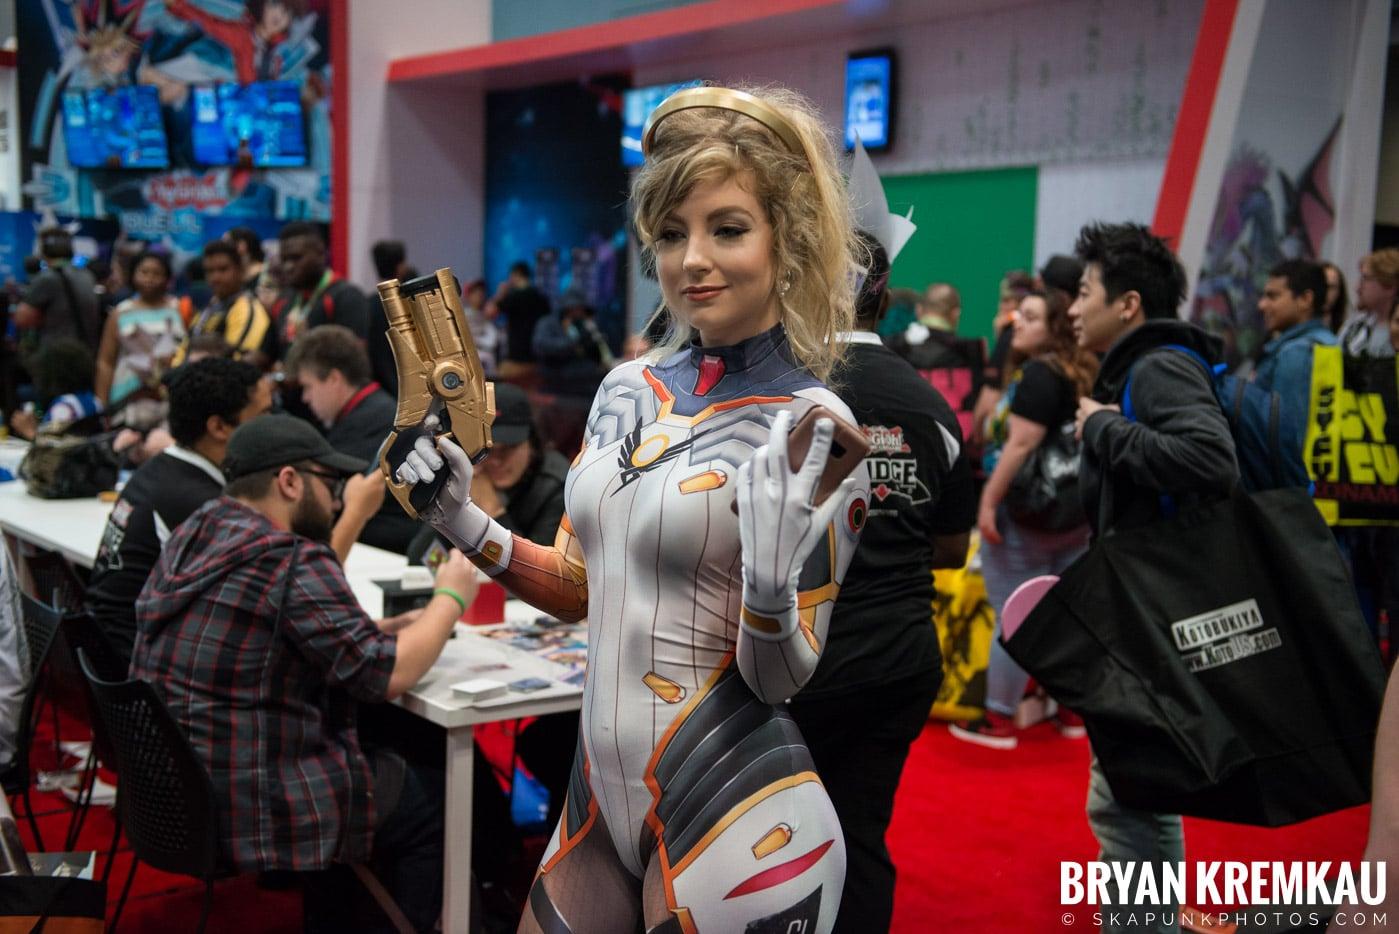 New York Comic Con 2017: Thursday - 10.5.17 (15)